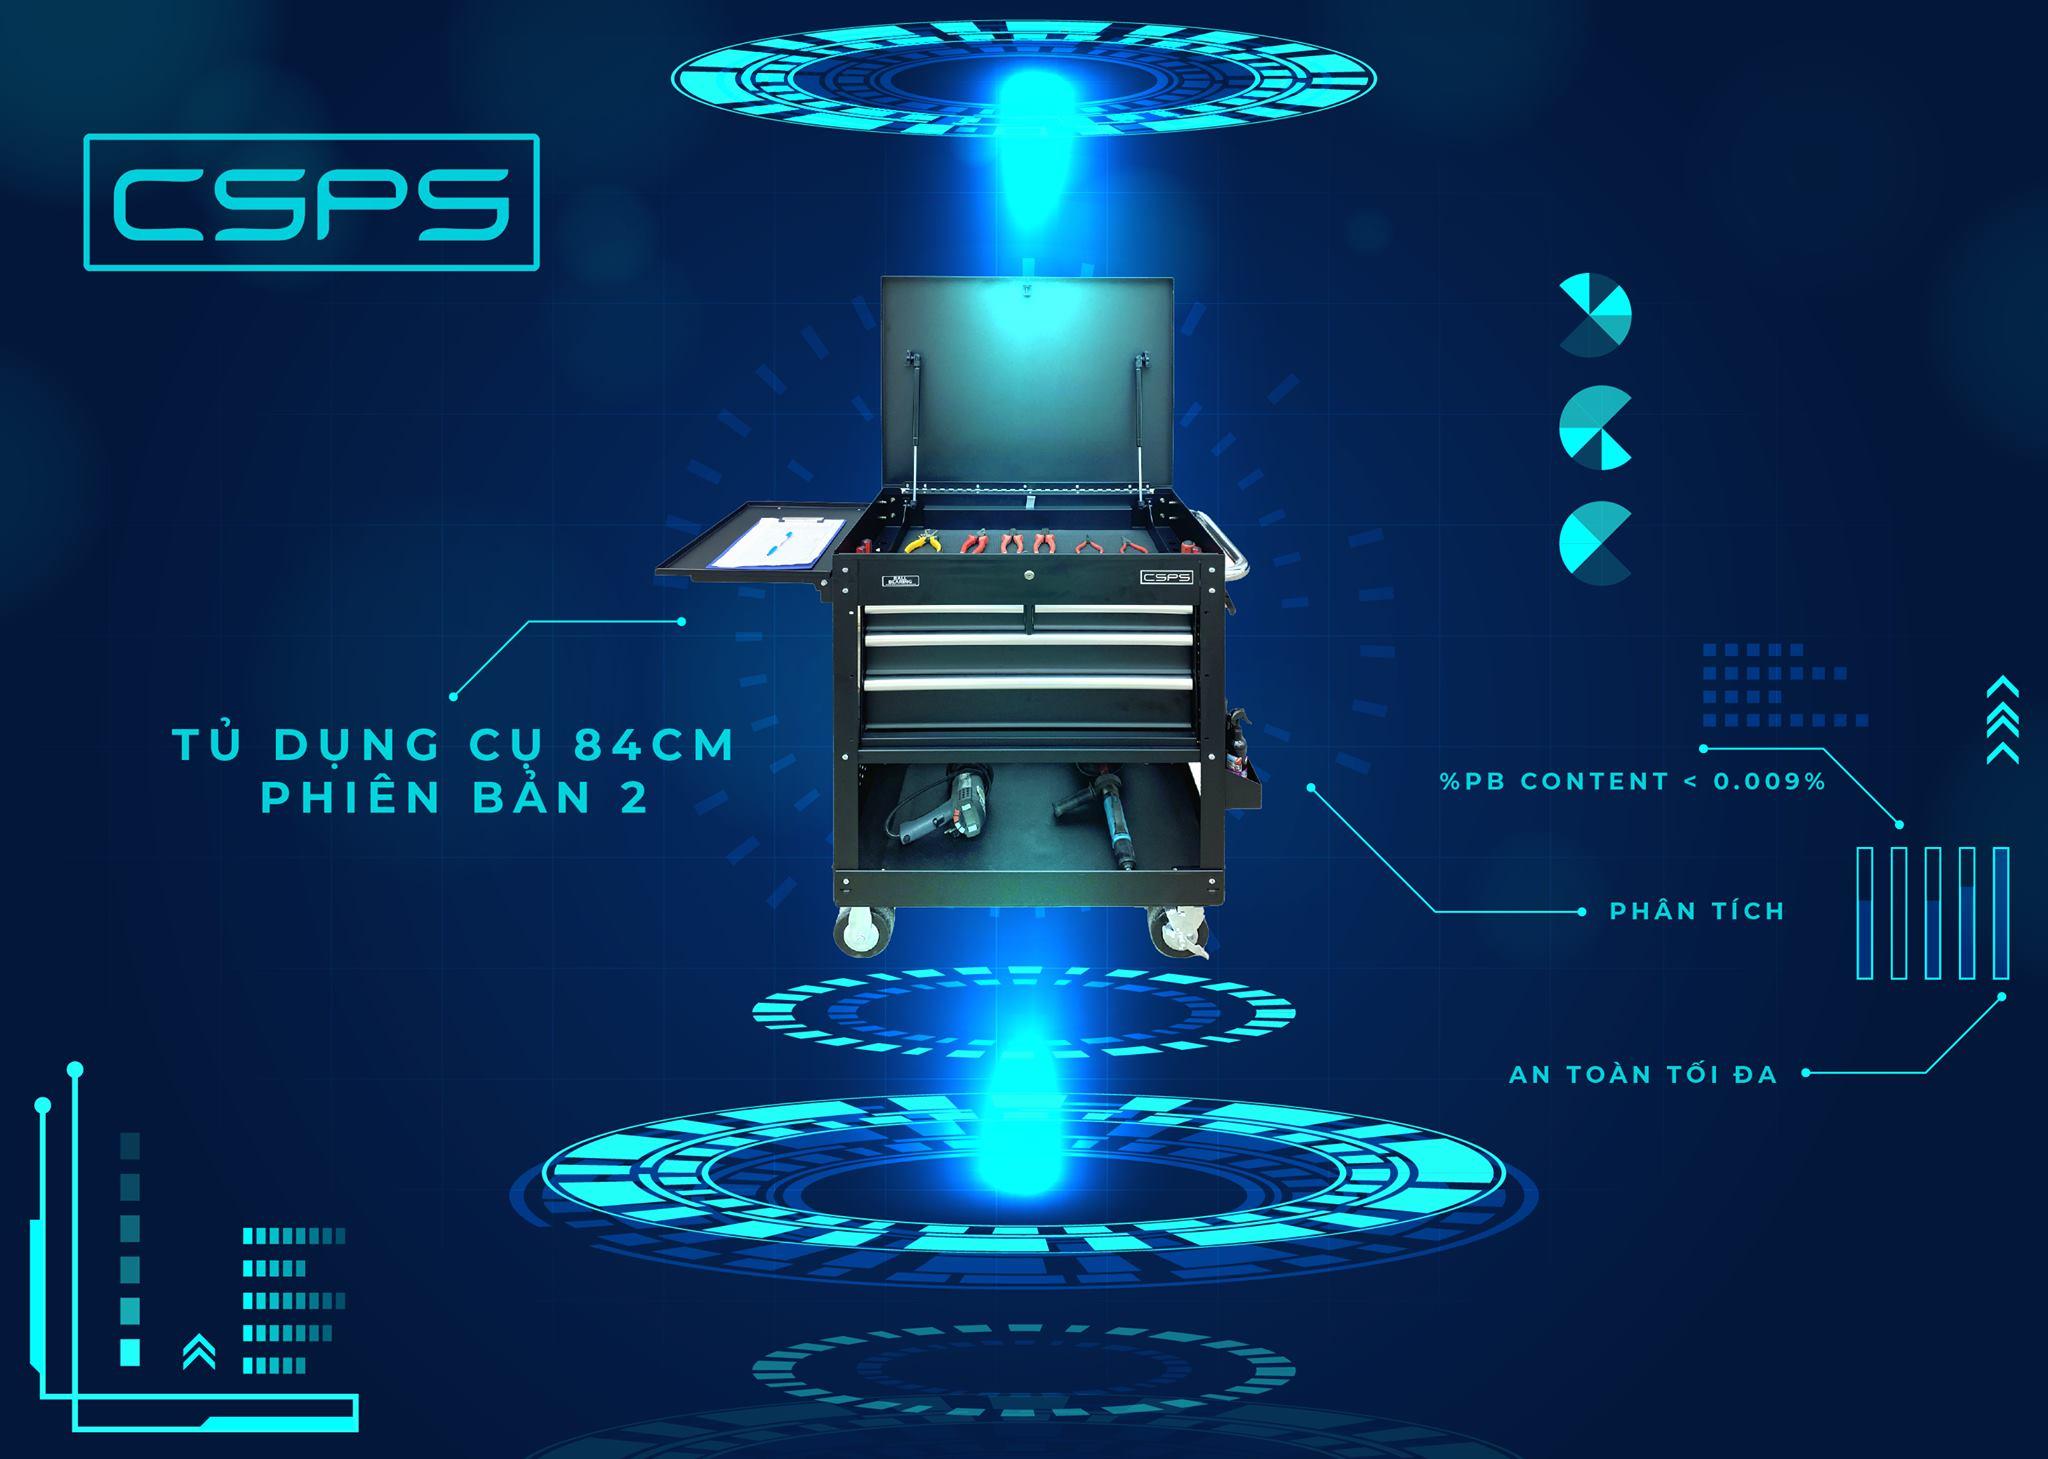 CSPS - Tiêu chuẩn Mỹ- Sản xuất tại Việt Nam